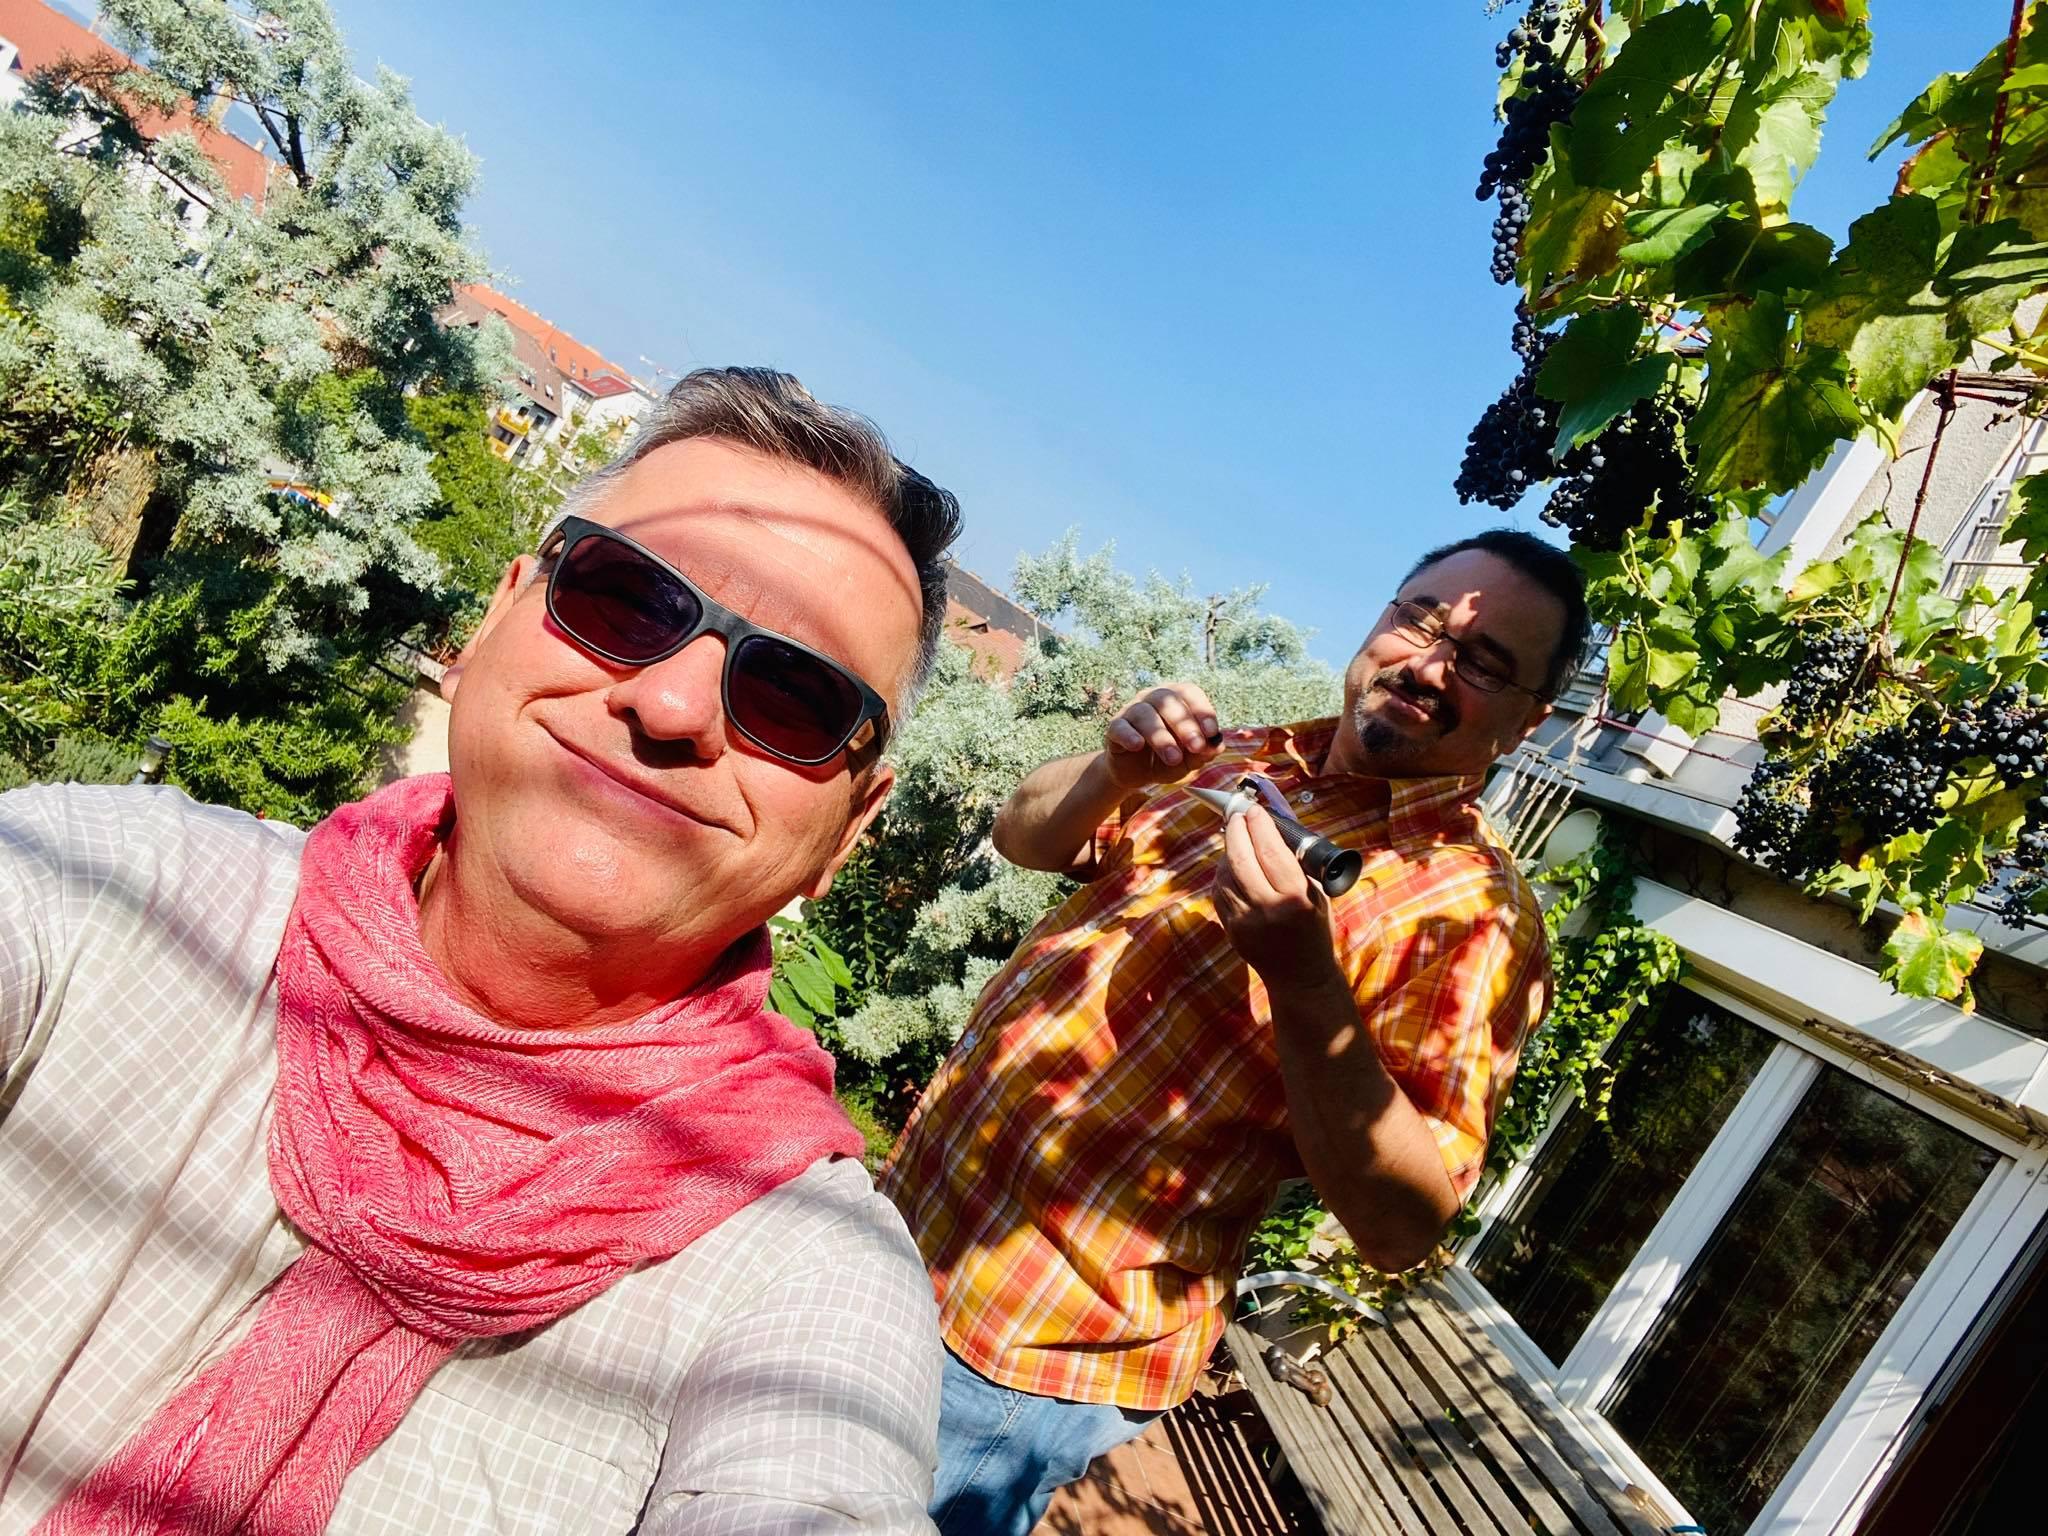 Csíki Sándor szőlősgazda és Lesti Zoltán borász a szőlő érettségét ellenőrzi. Helyszín. Haller-terasz. Fajta: kékfrankos. Terroir: 5. emeleti terasz speciális pesti mikroklímával.